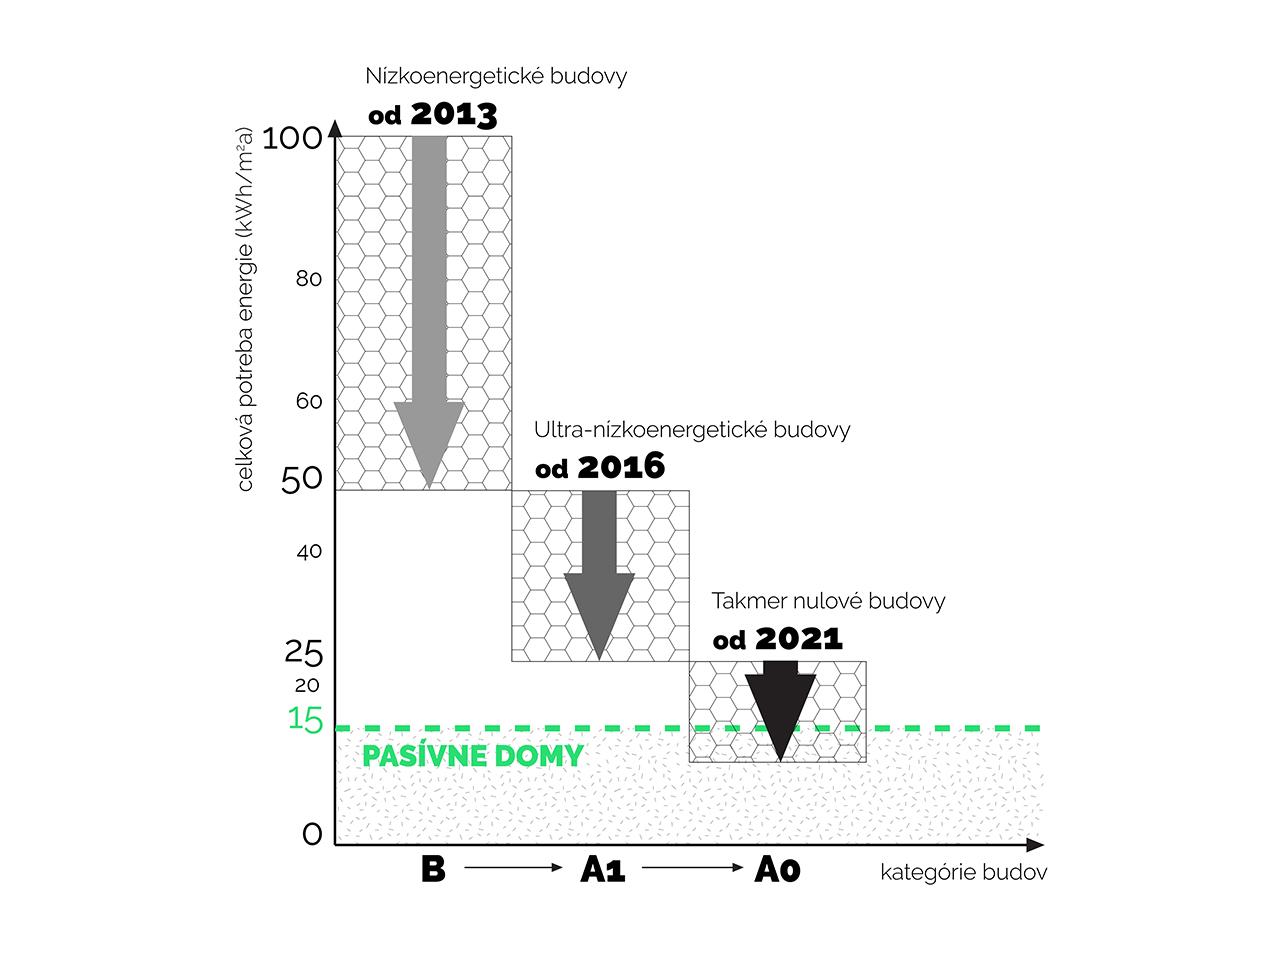 graf-01-pasivne-domy-legislativa